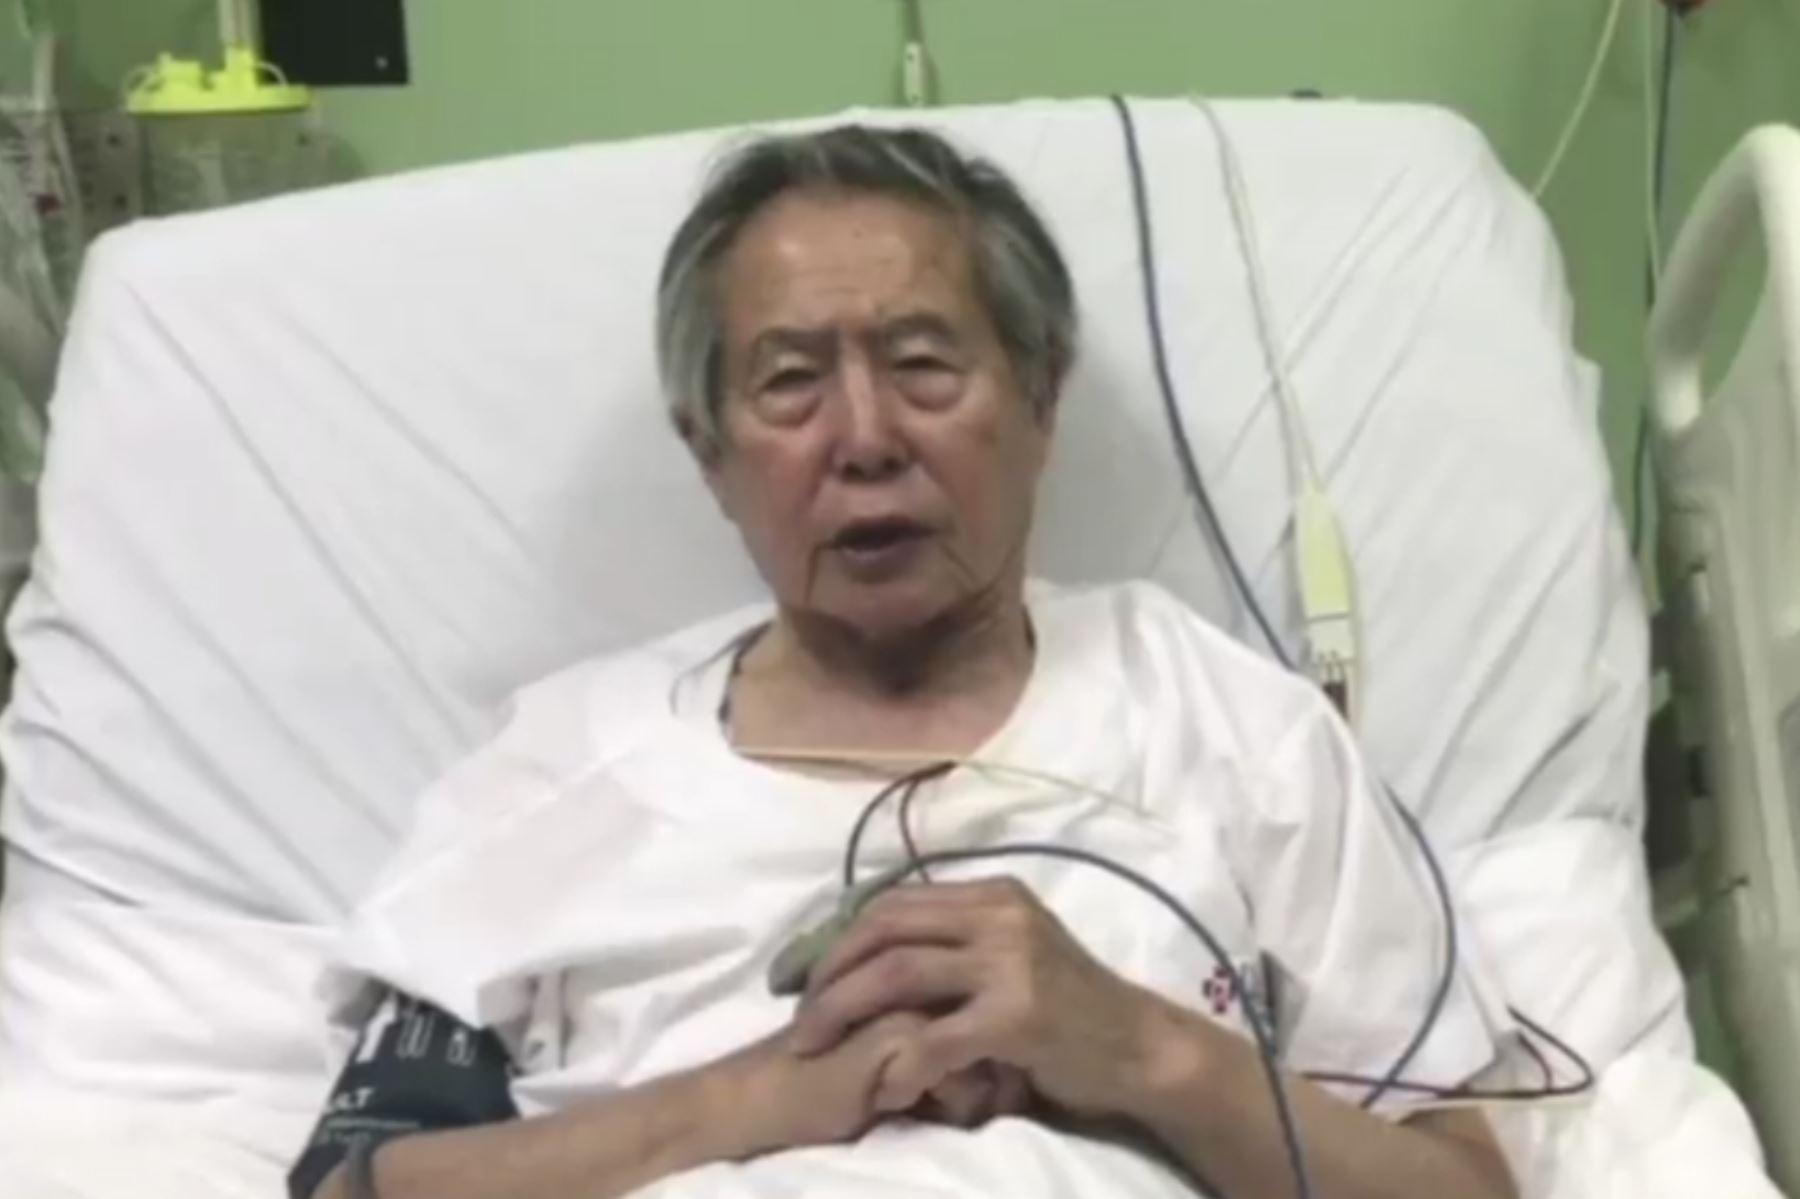 fujimori-no-participo-en-audiencia-judicial-por-problemas-de-salud